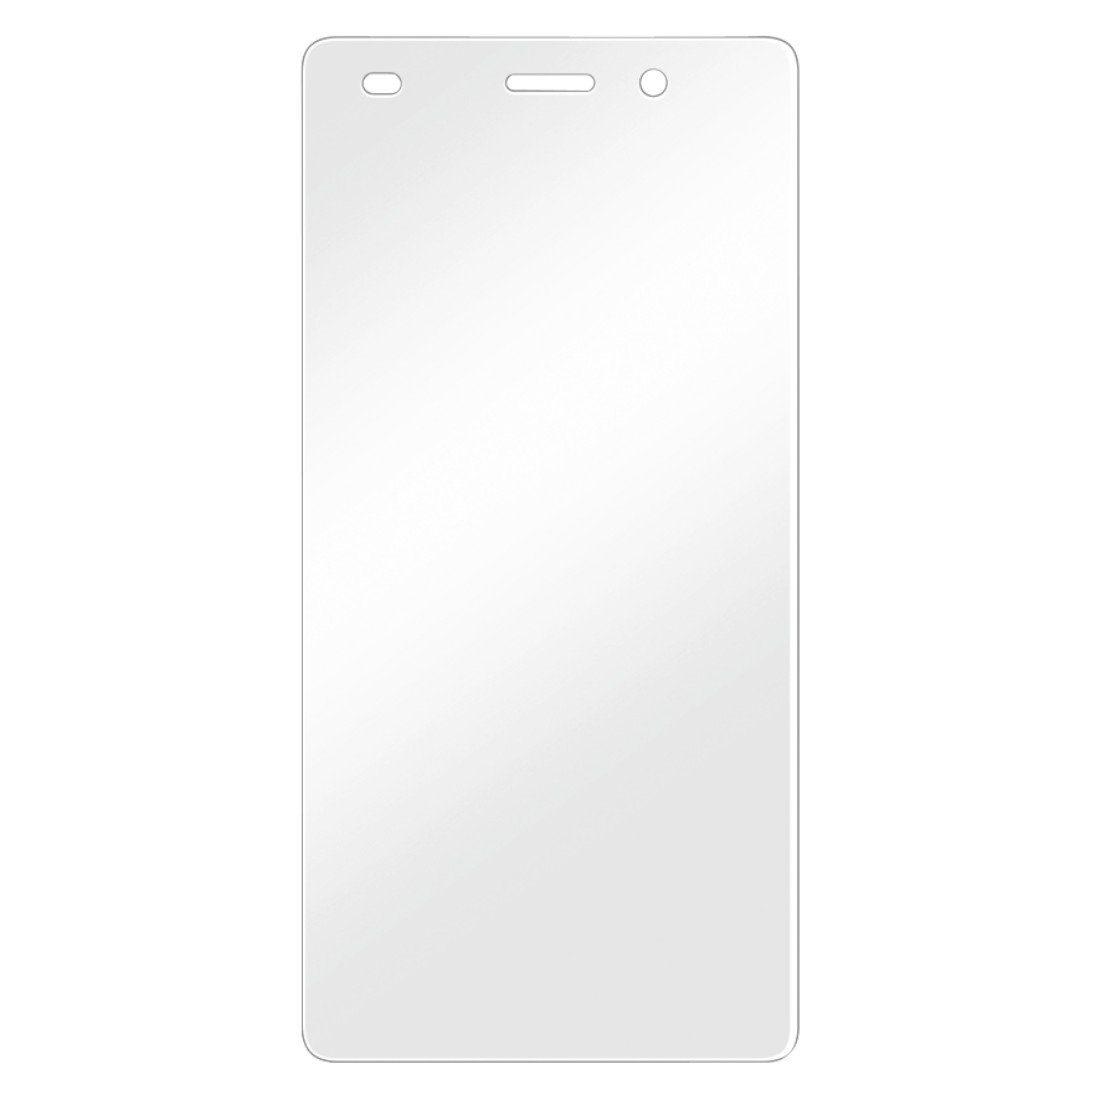 Hama Displayschutzfolie für Huawei P8 Lite, 2er Set »Displayschutz Schutzfolie«